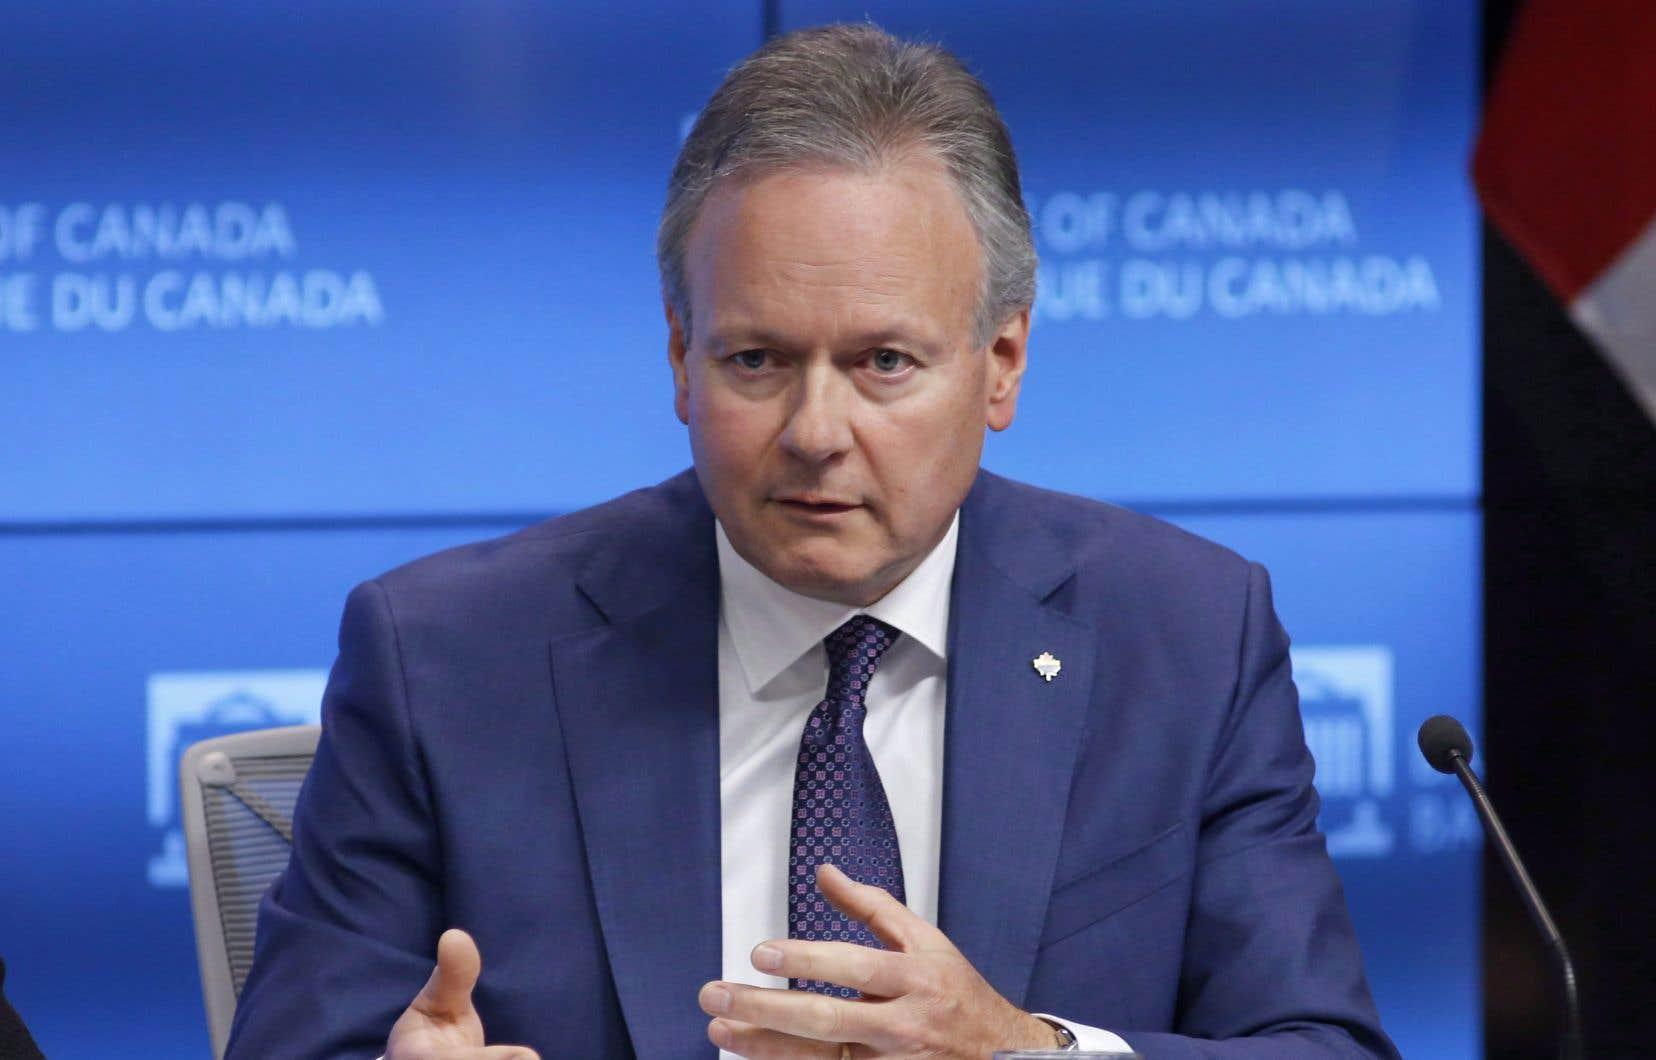 Le gouverneur de la Banque du Canada, Stephen Poloz, a affirmé que l'institution tiendrait compte dans ses projections de l'incidence des tarifs américains sur l'acier et l'aluminium.